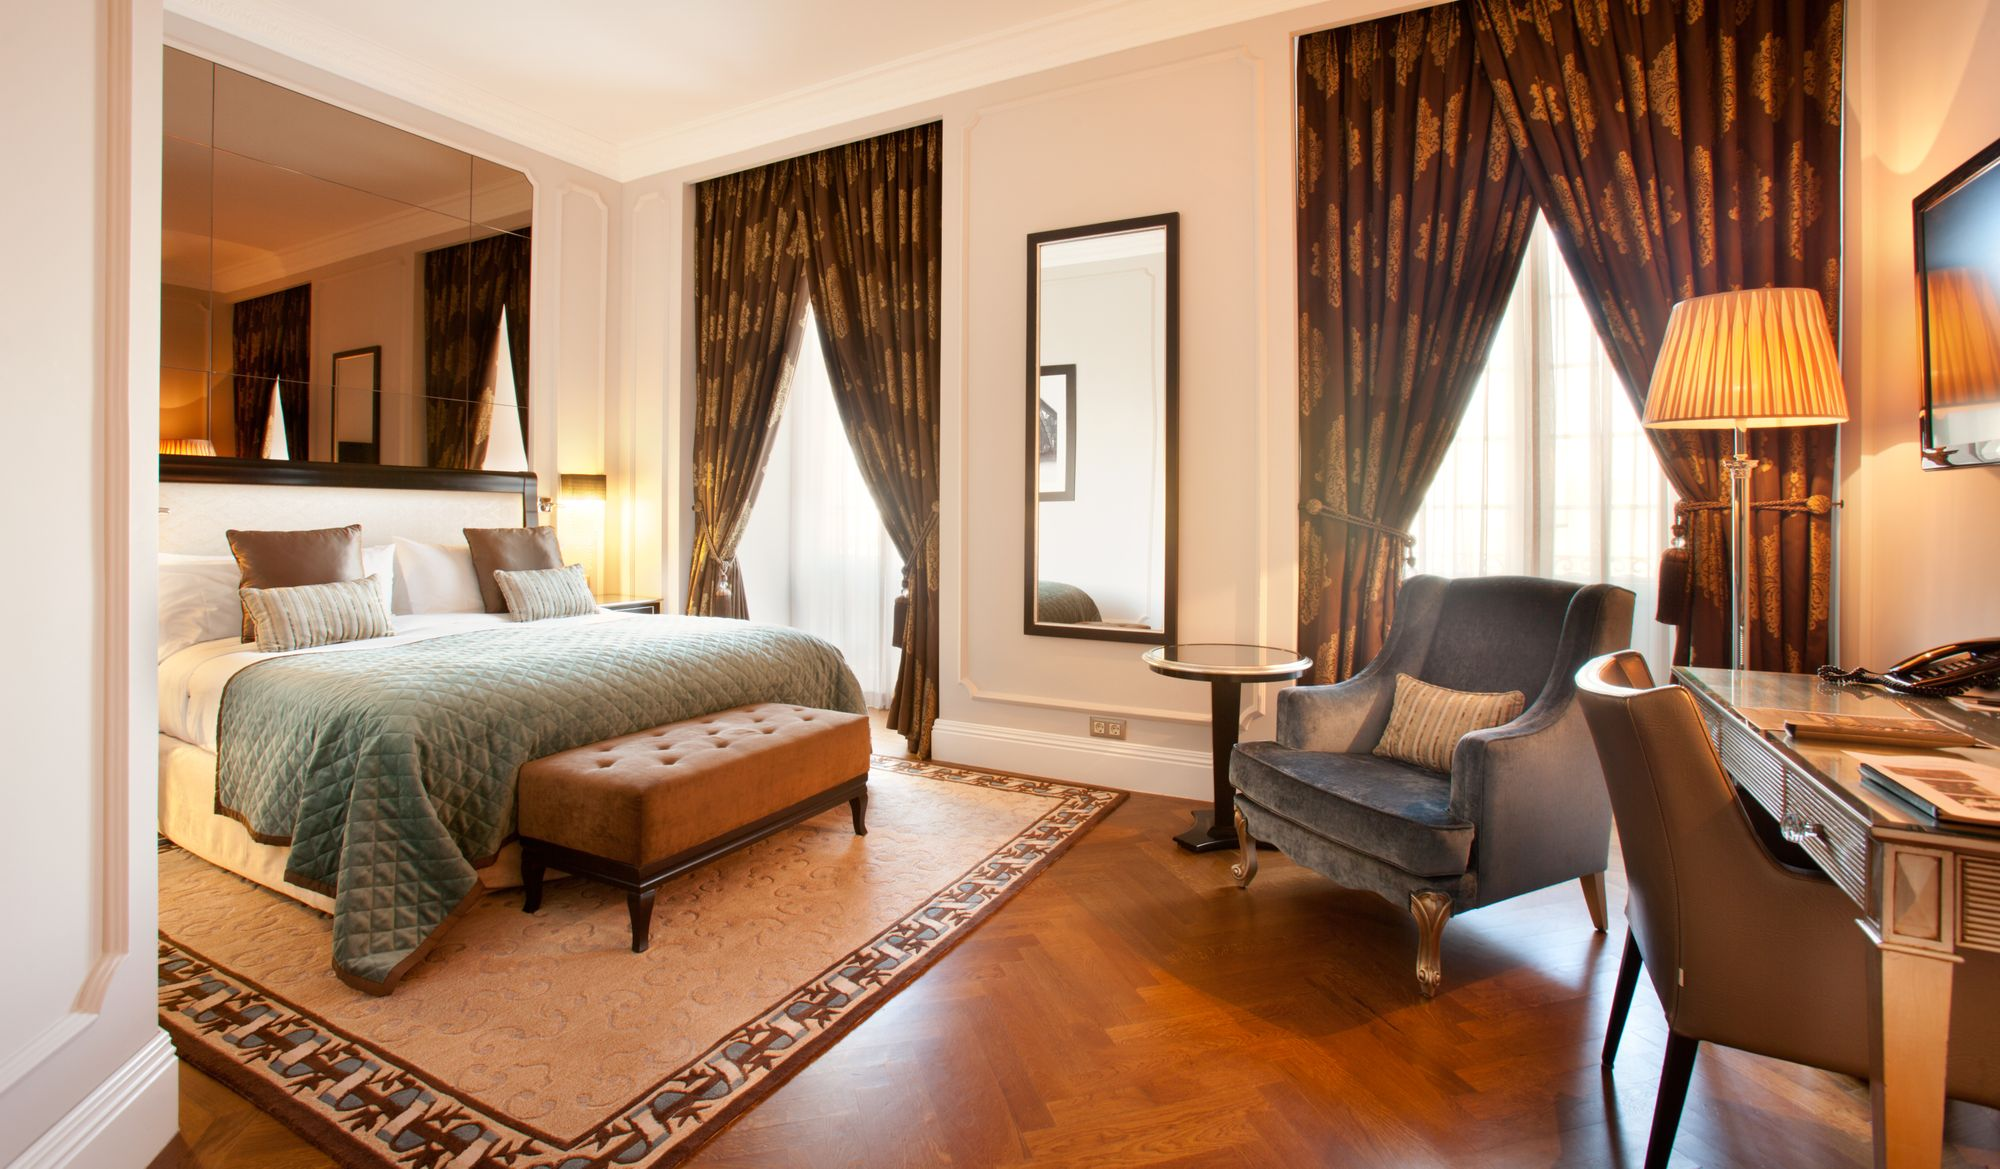 O Melhor hotel 5 estrelas de Portugal